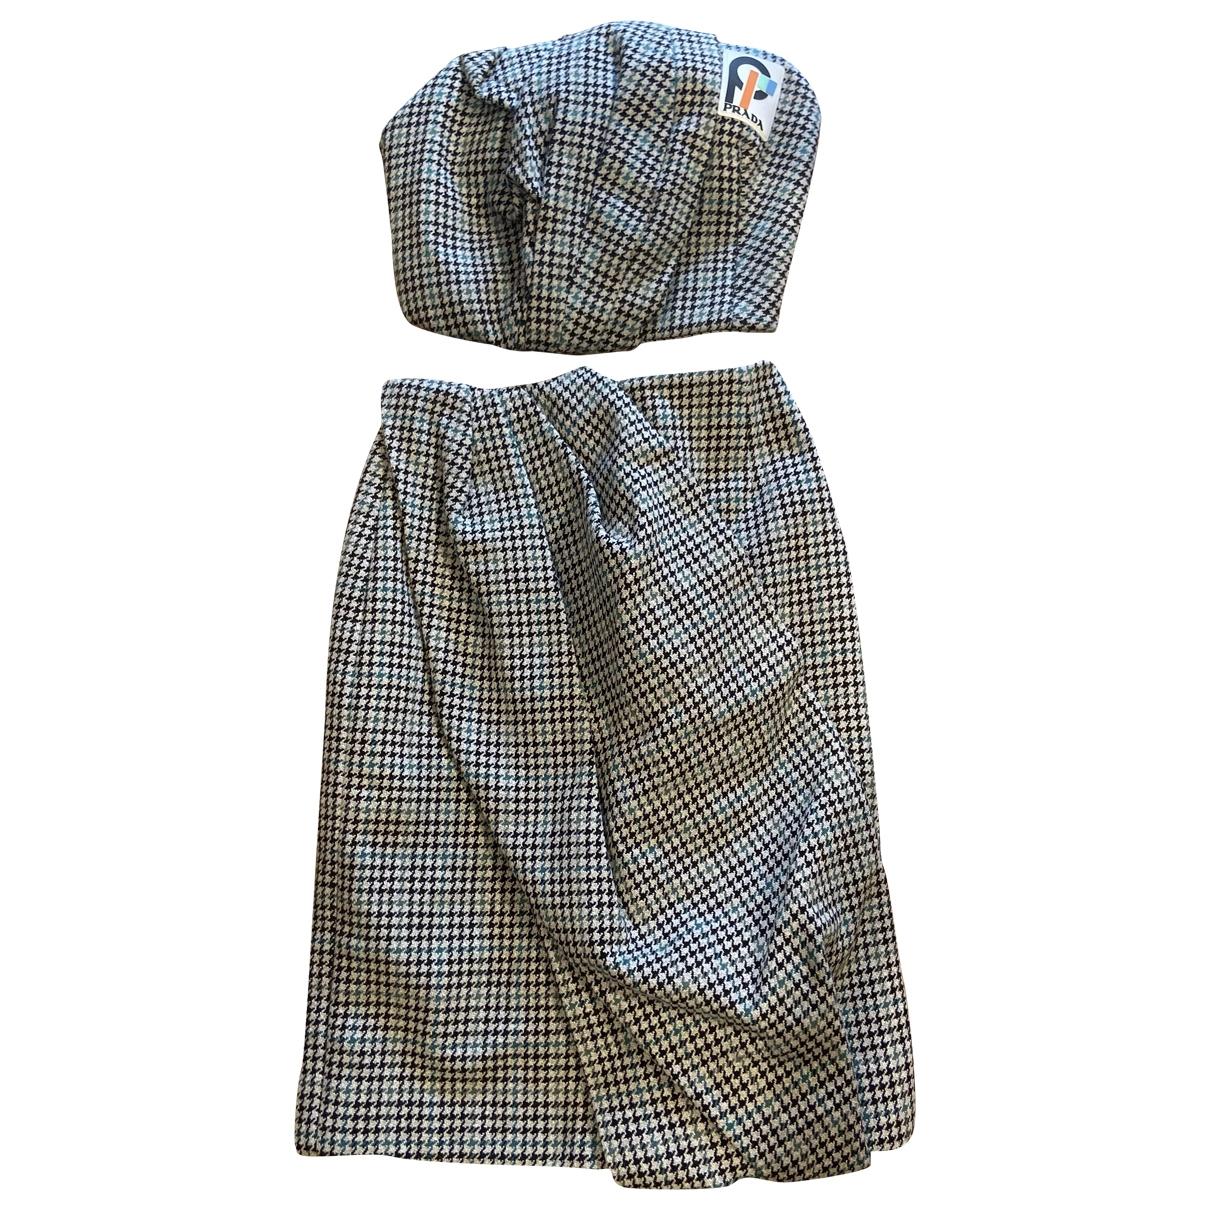 Prada \N Wool dress for Women 38 IT